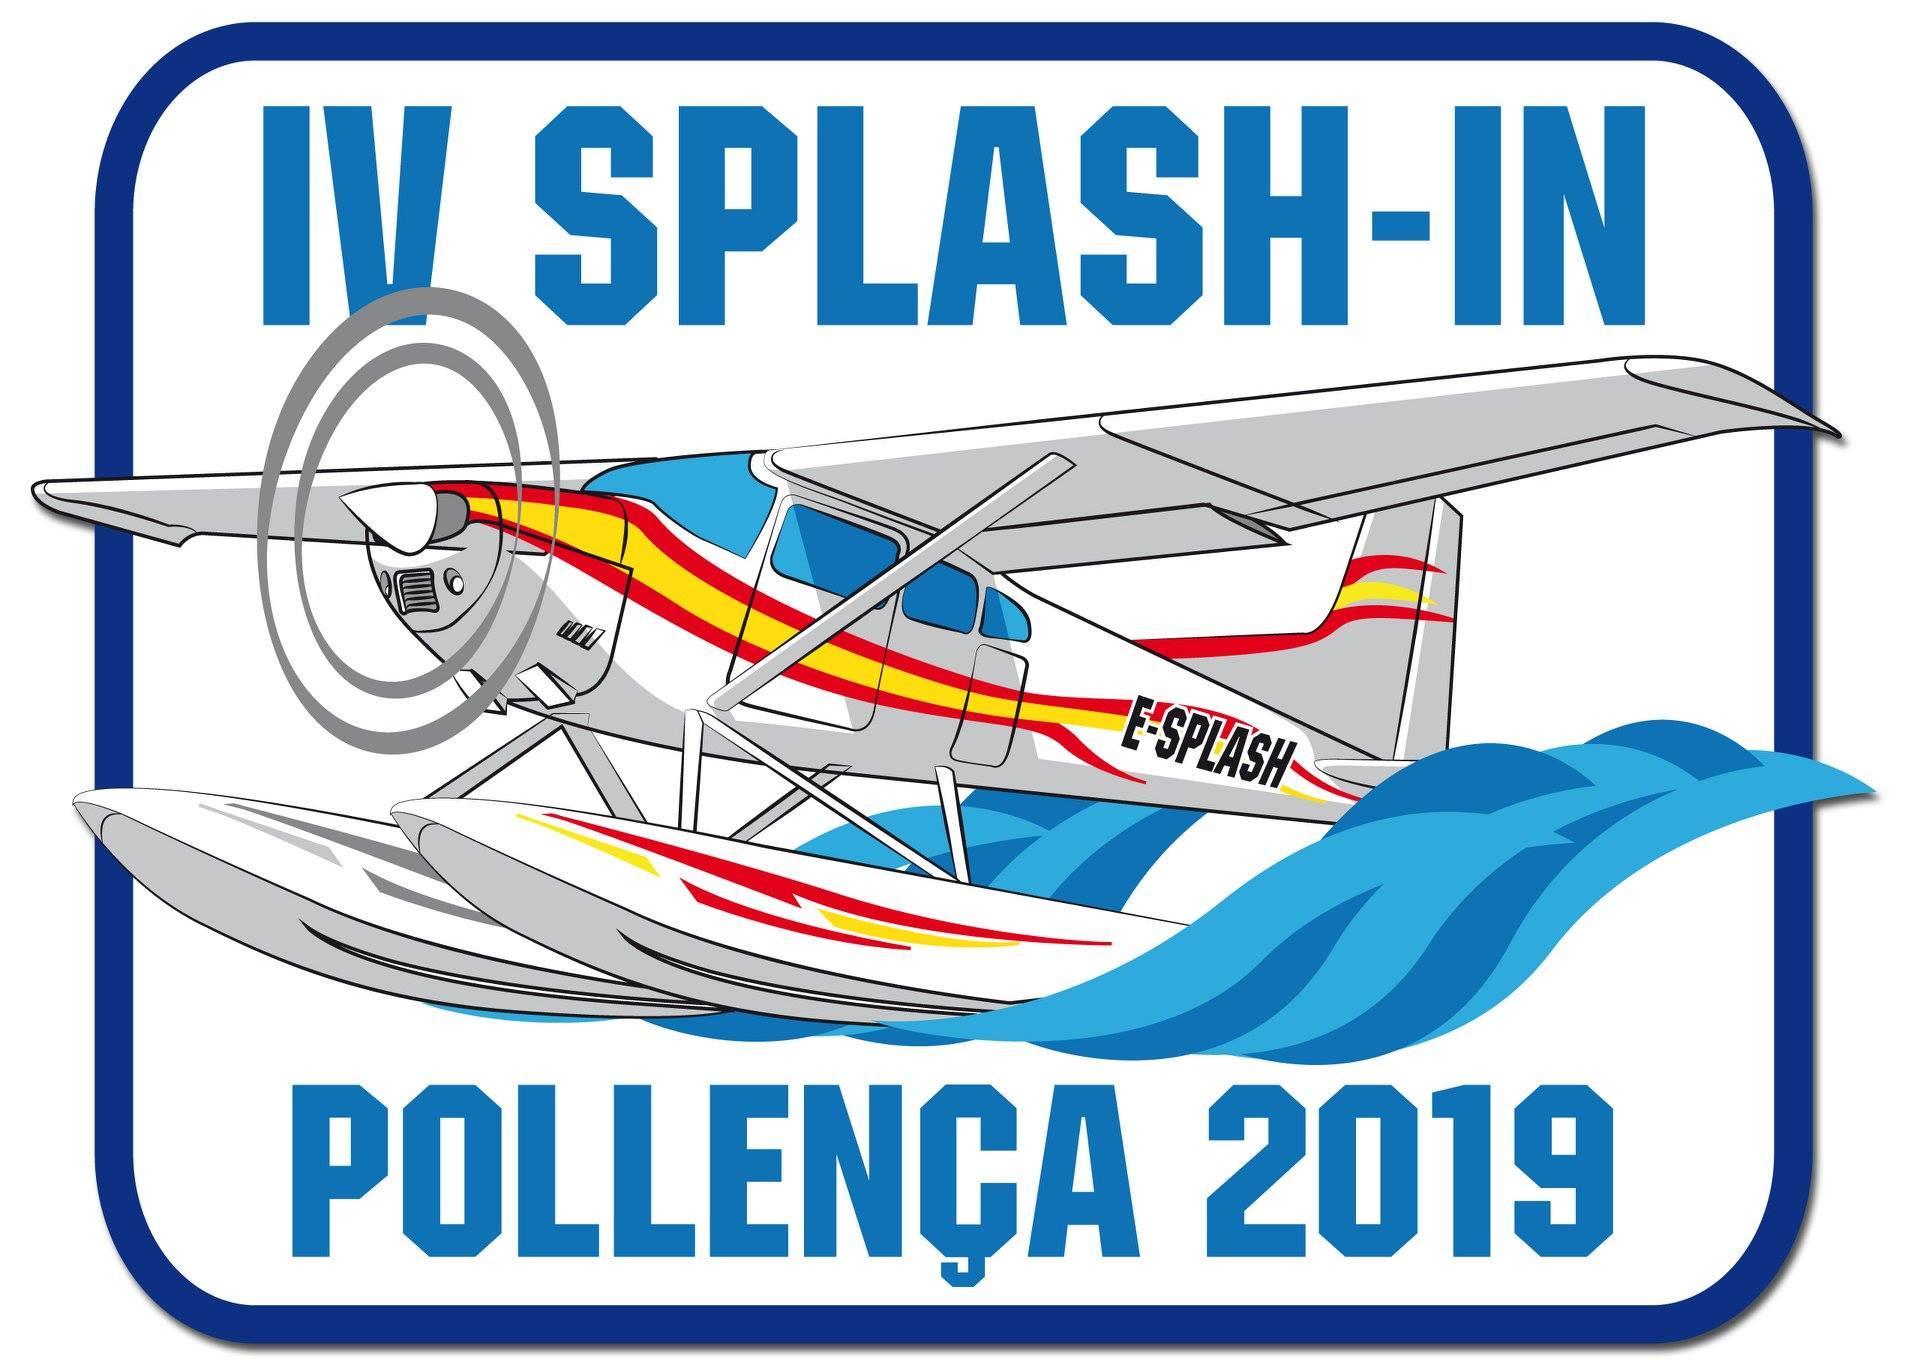 IV Splash-In Pollença 2019